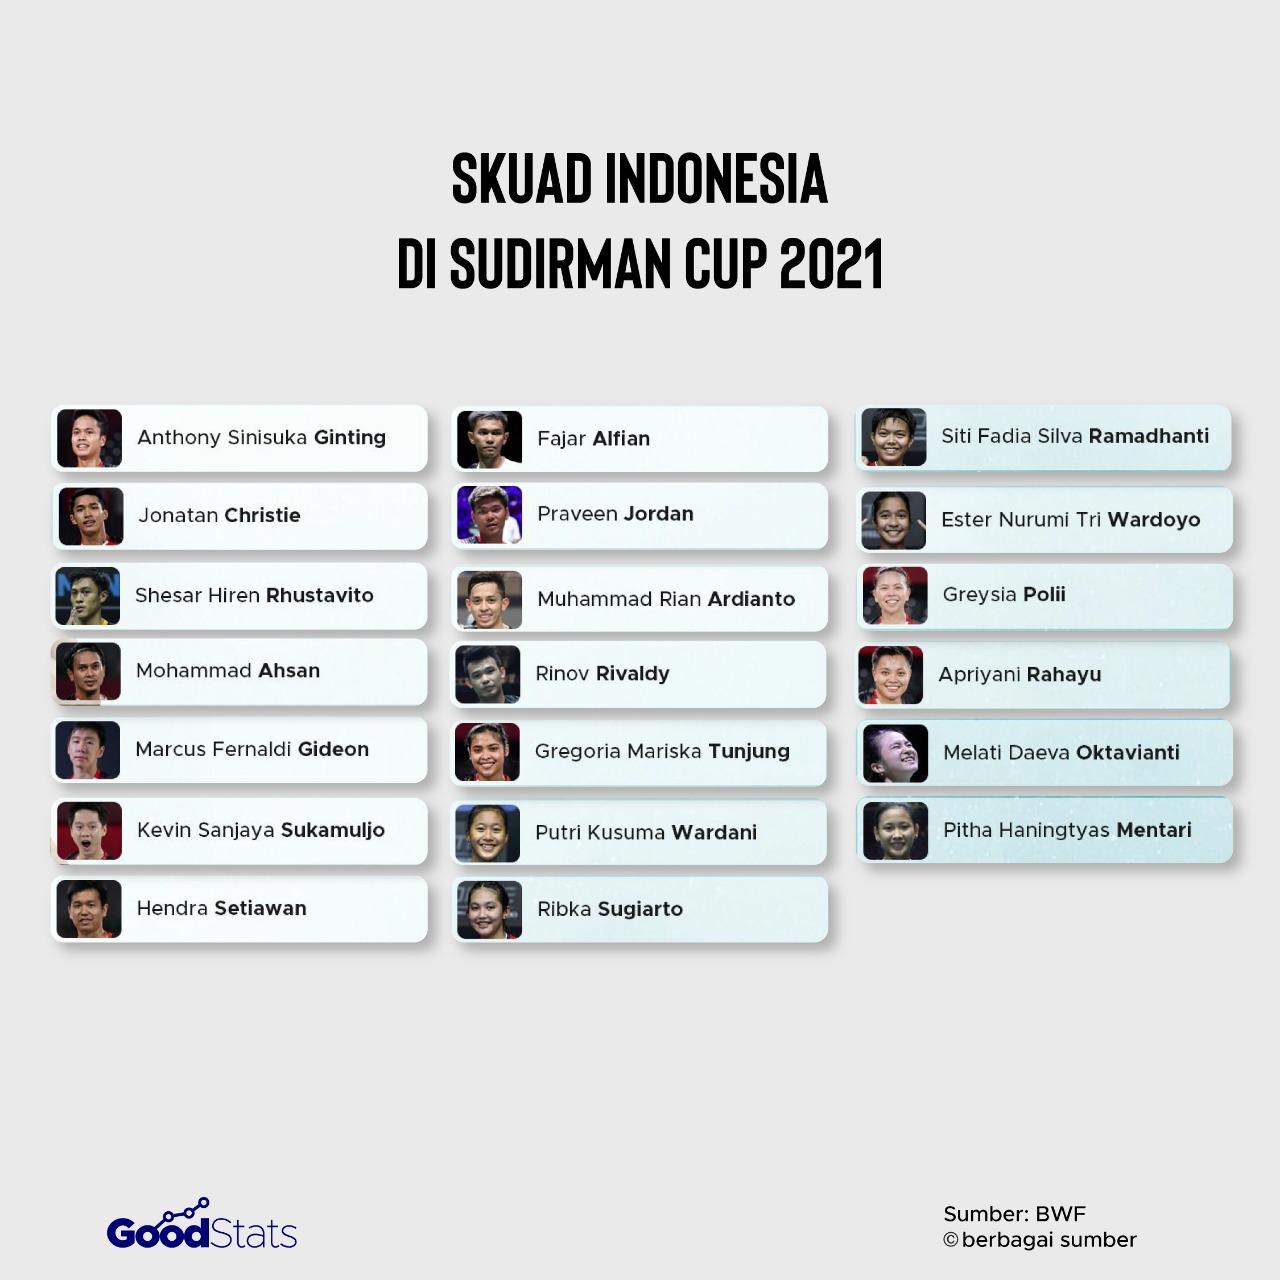 Skuad Indonesia di Sudirman Cup 2021 | GoodStats